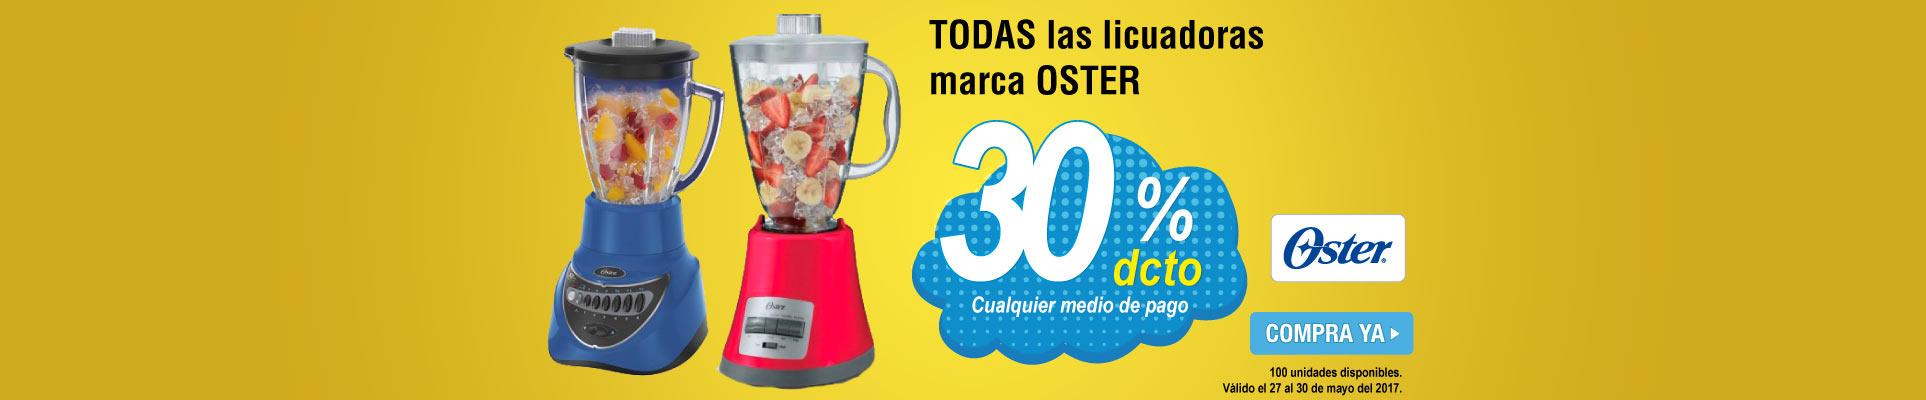 30 Dto. licuadoras oster - banner principal